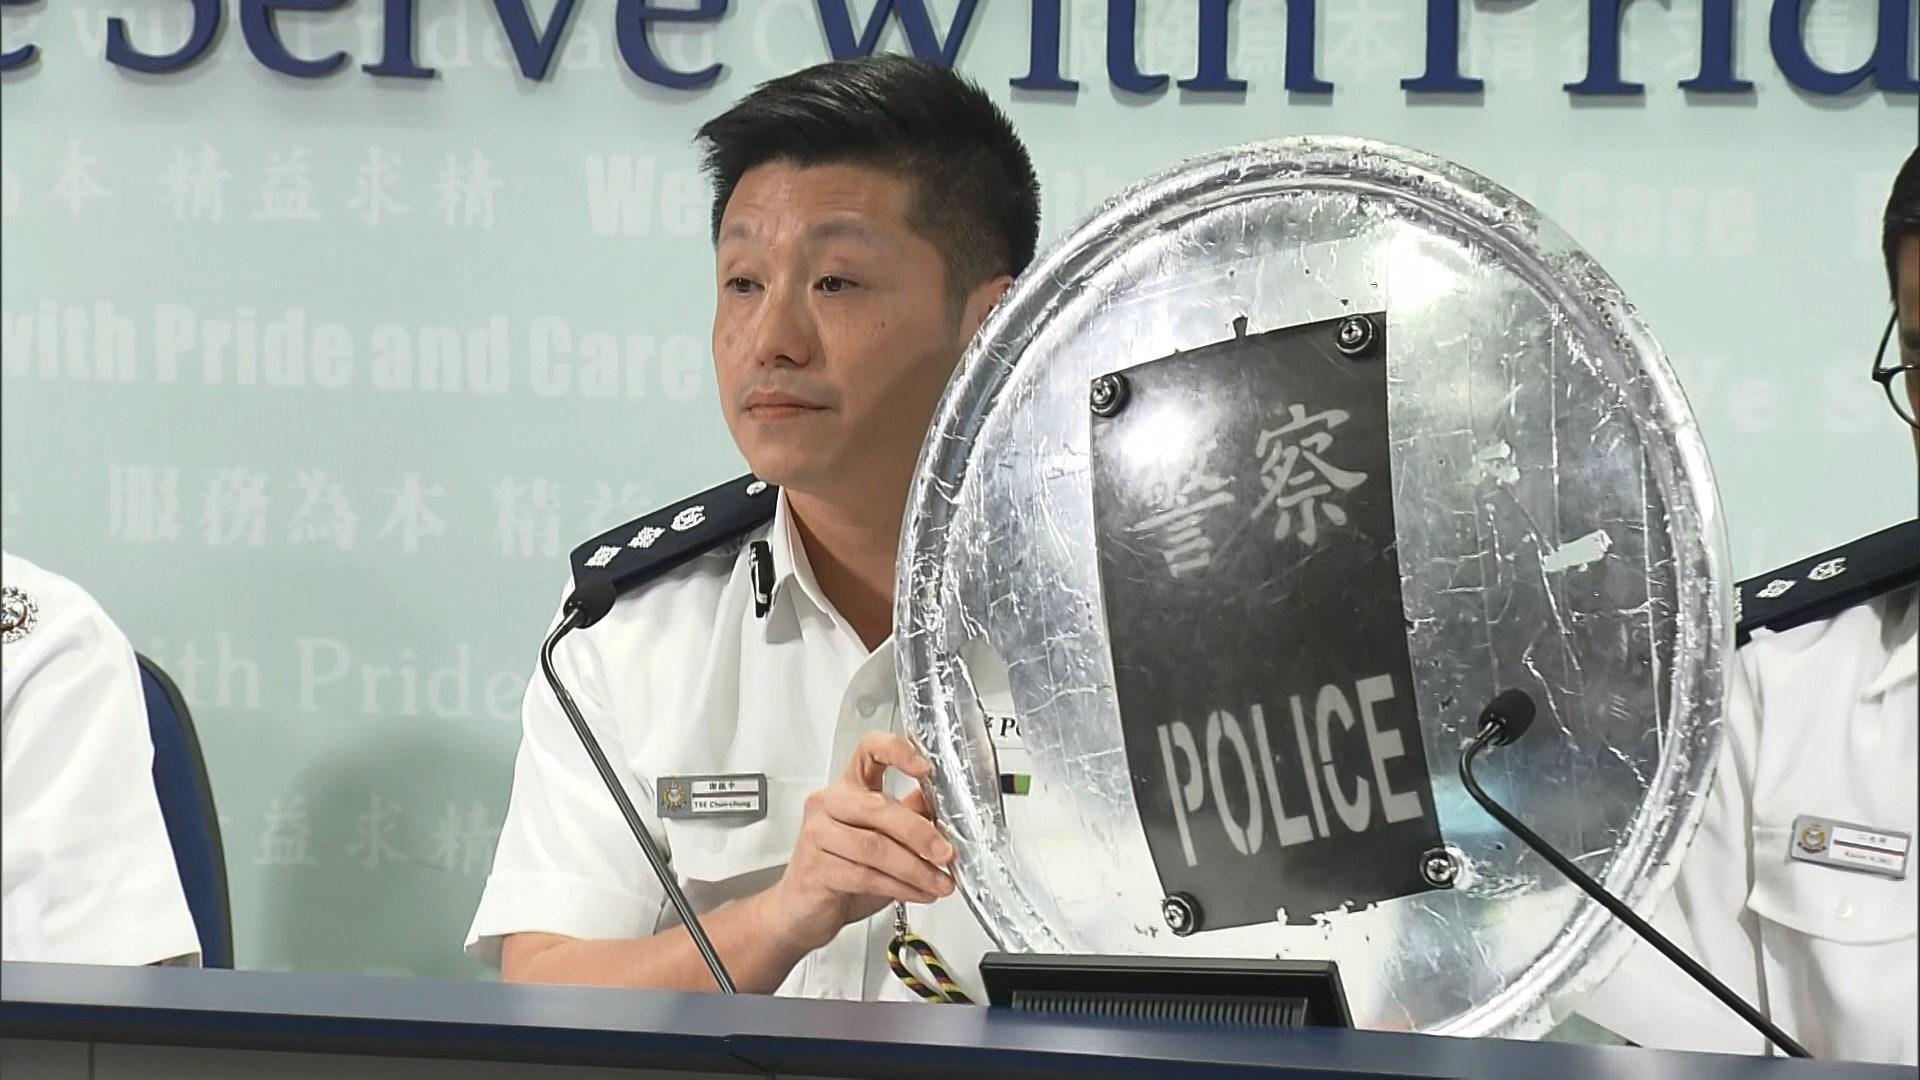 【最新】警方:情報顯示明日有人策劃不同類型襲擊